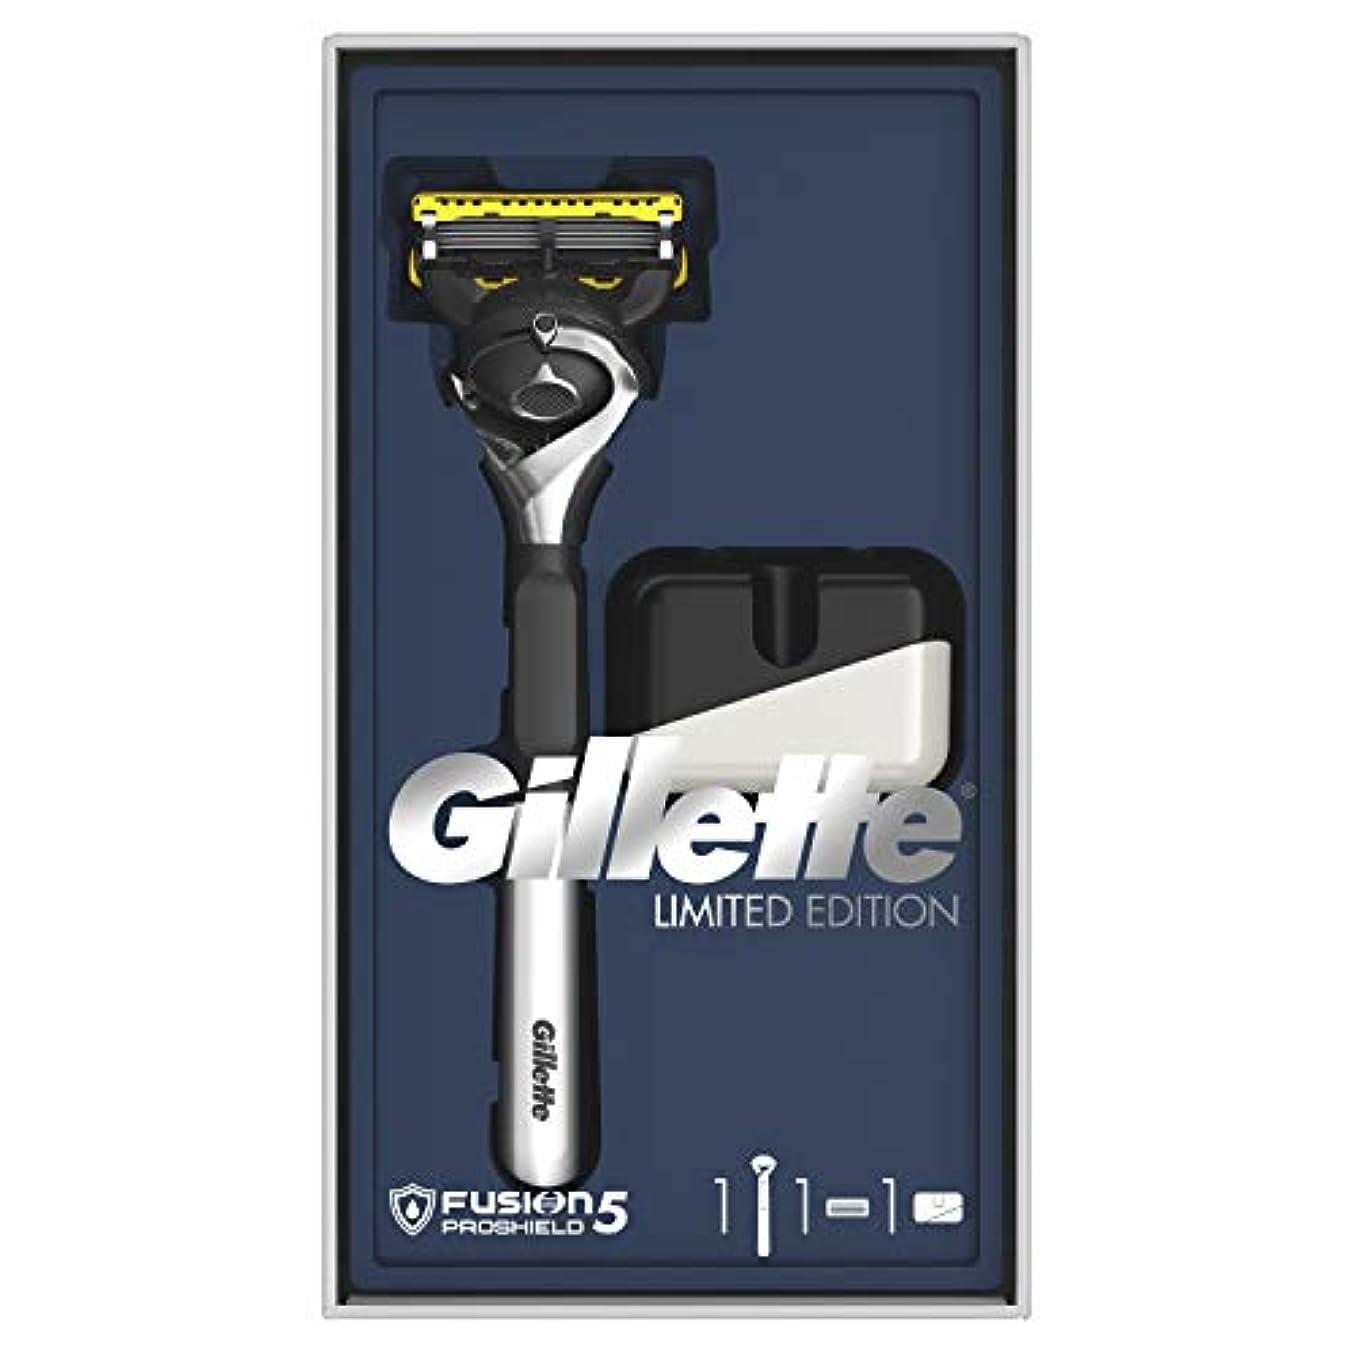 論争的専門用語公平ジレット プロシールド 髭剃り本体+替刃1個 オリジナルスタンド付 スペシャルパッケージ